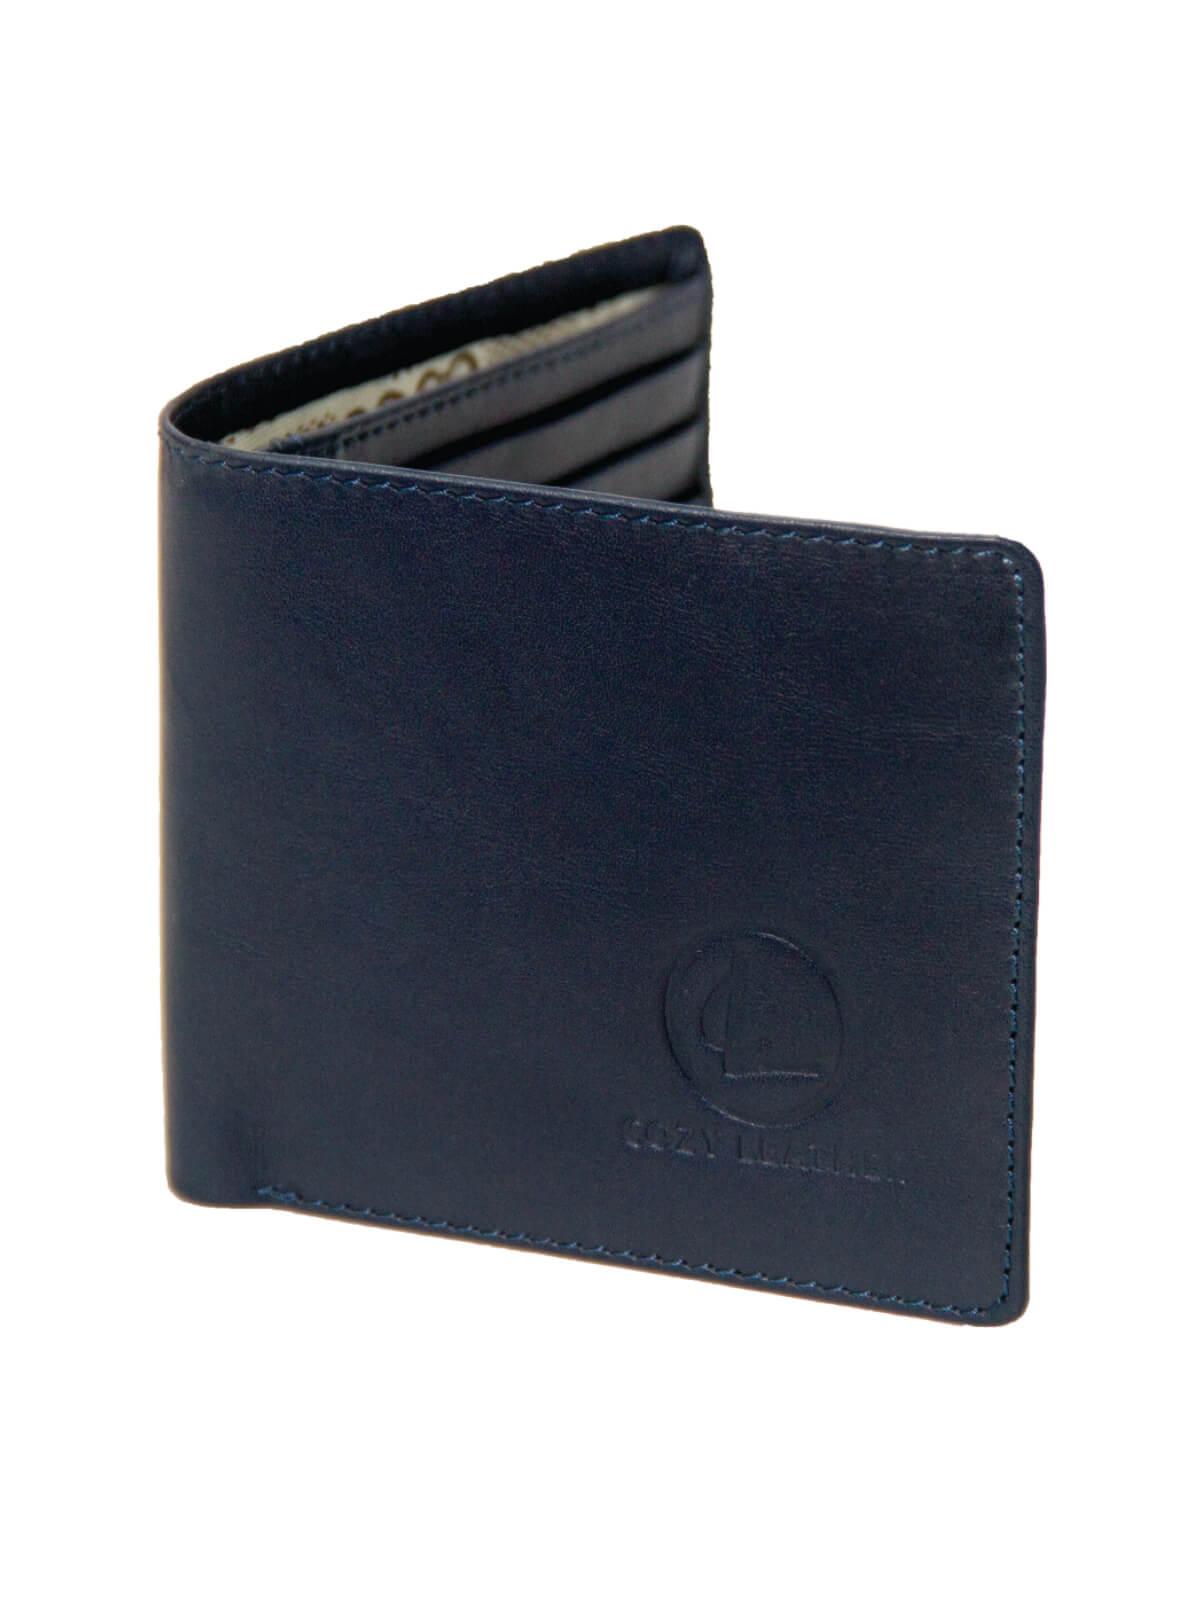 Tangaroa Blue Leather Wallet